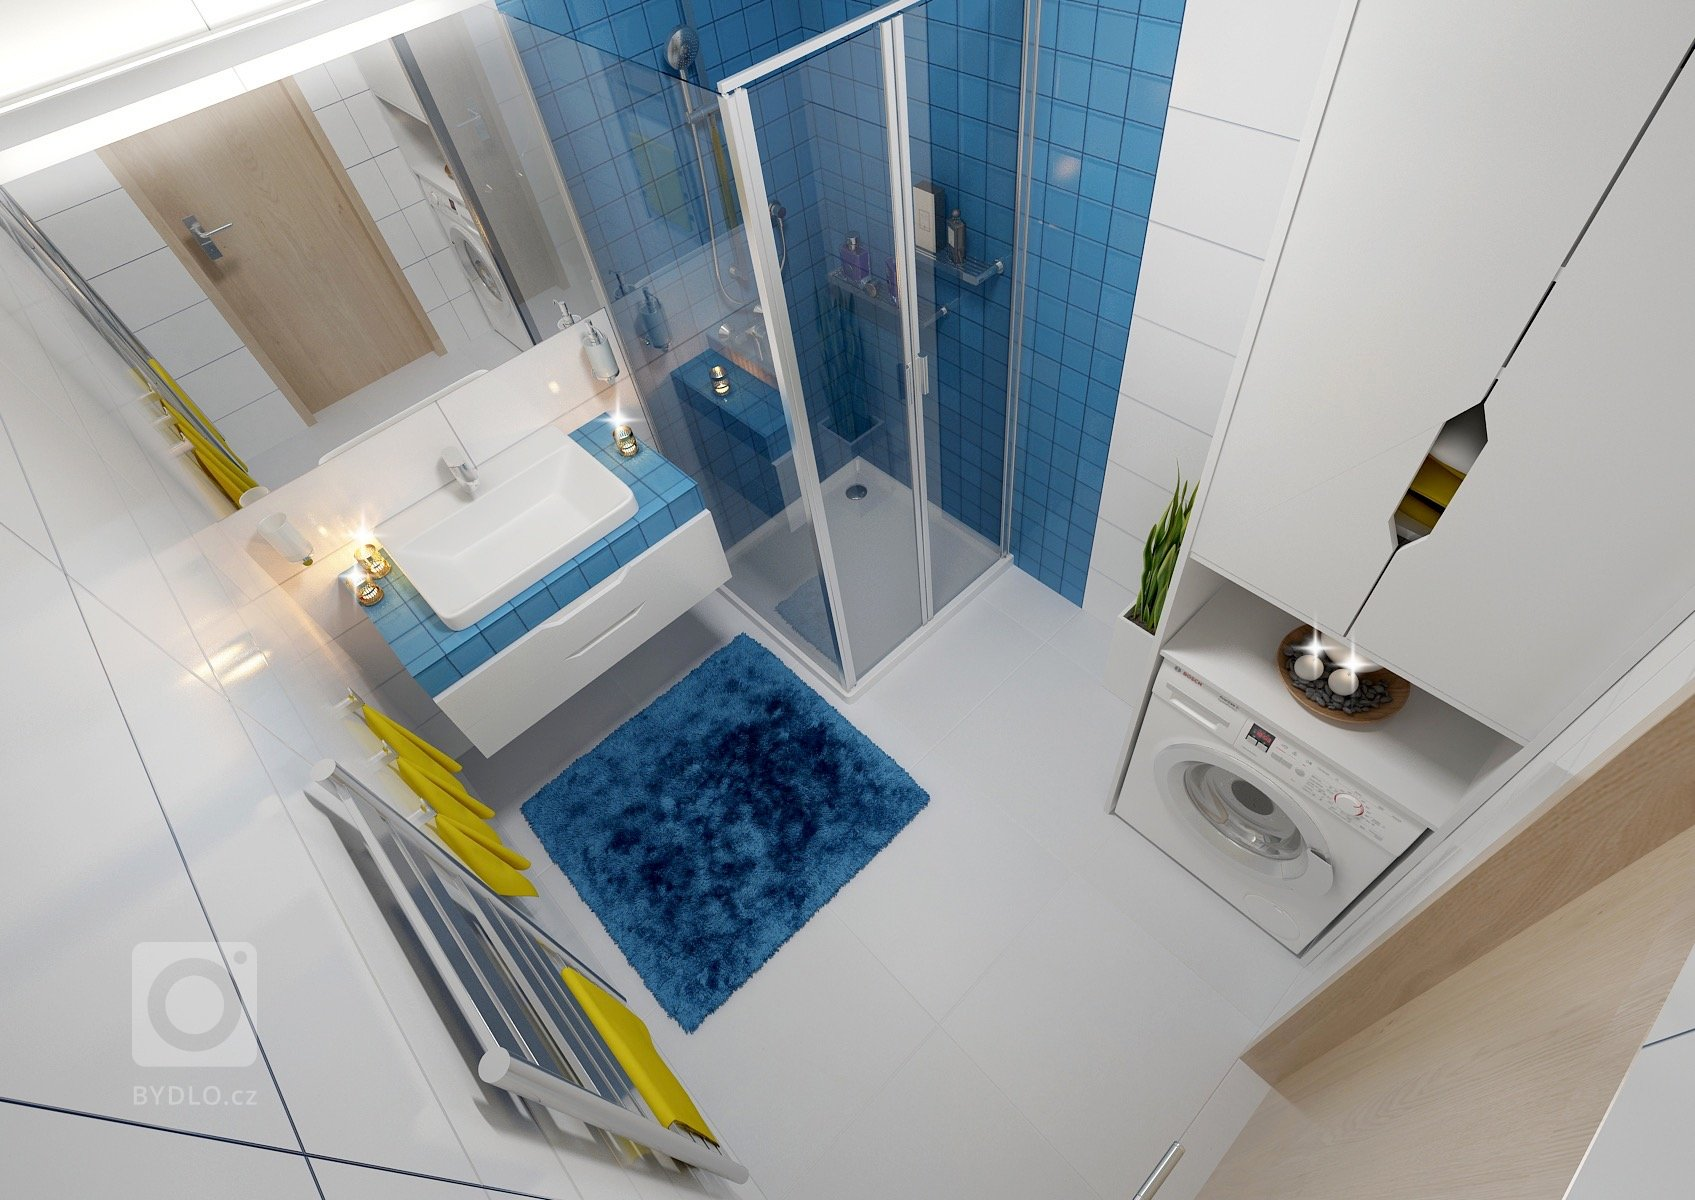 Barevný byt vnovostavbě, kde skoro každá místnost má jinou doplňkovou barvou. Základ se nese vbílé, hnědé a šedé. Vobývacím pokoji zaujme…